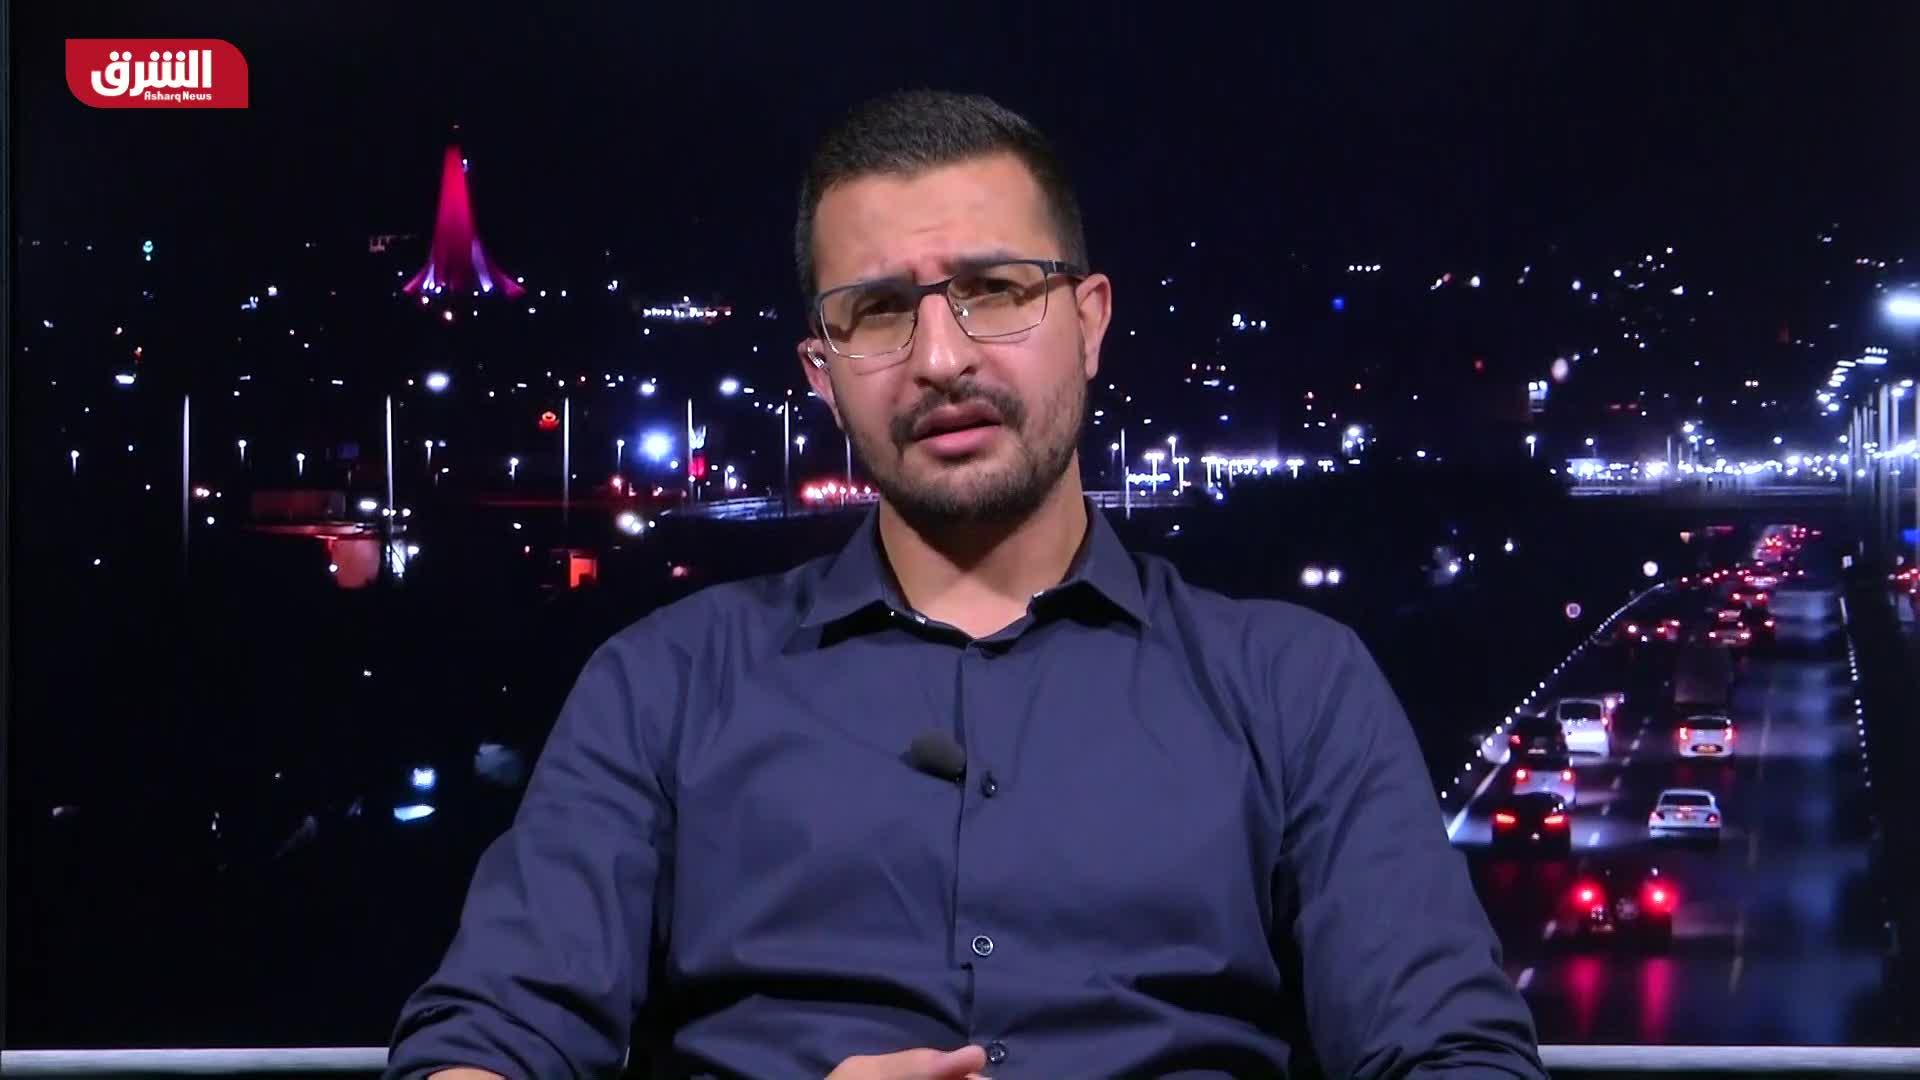 صمت انتخابي في الجزائر ومقاطعة أحزاب يسارية